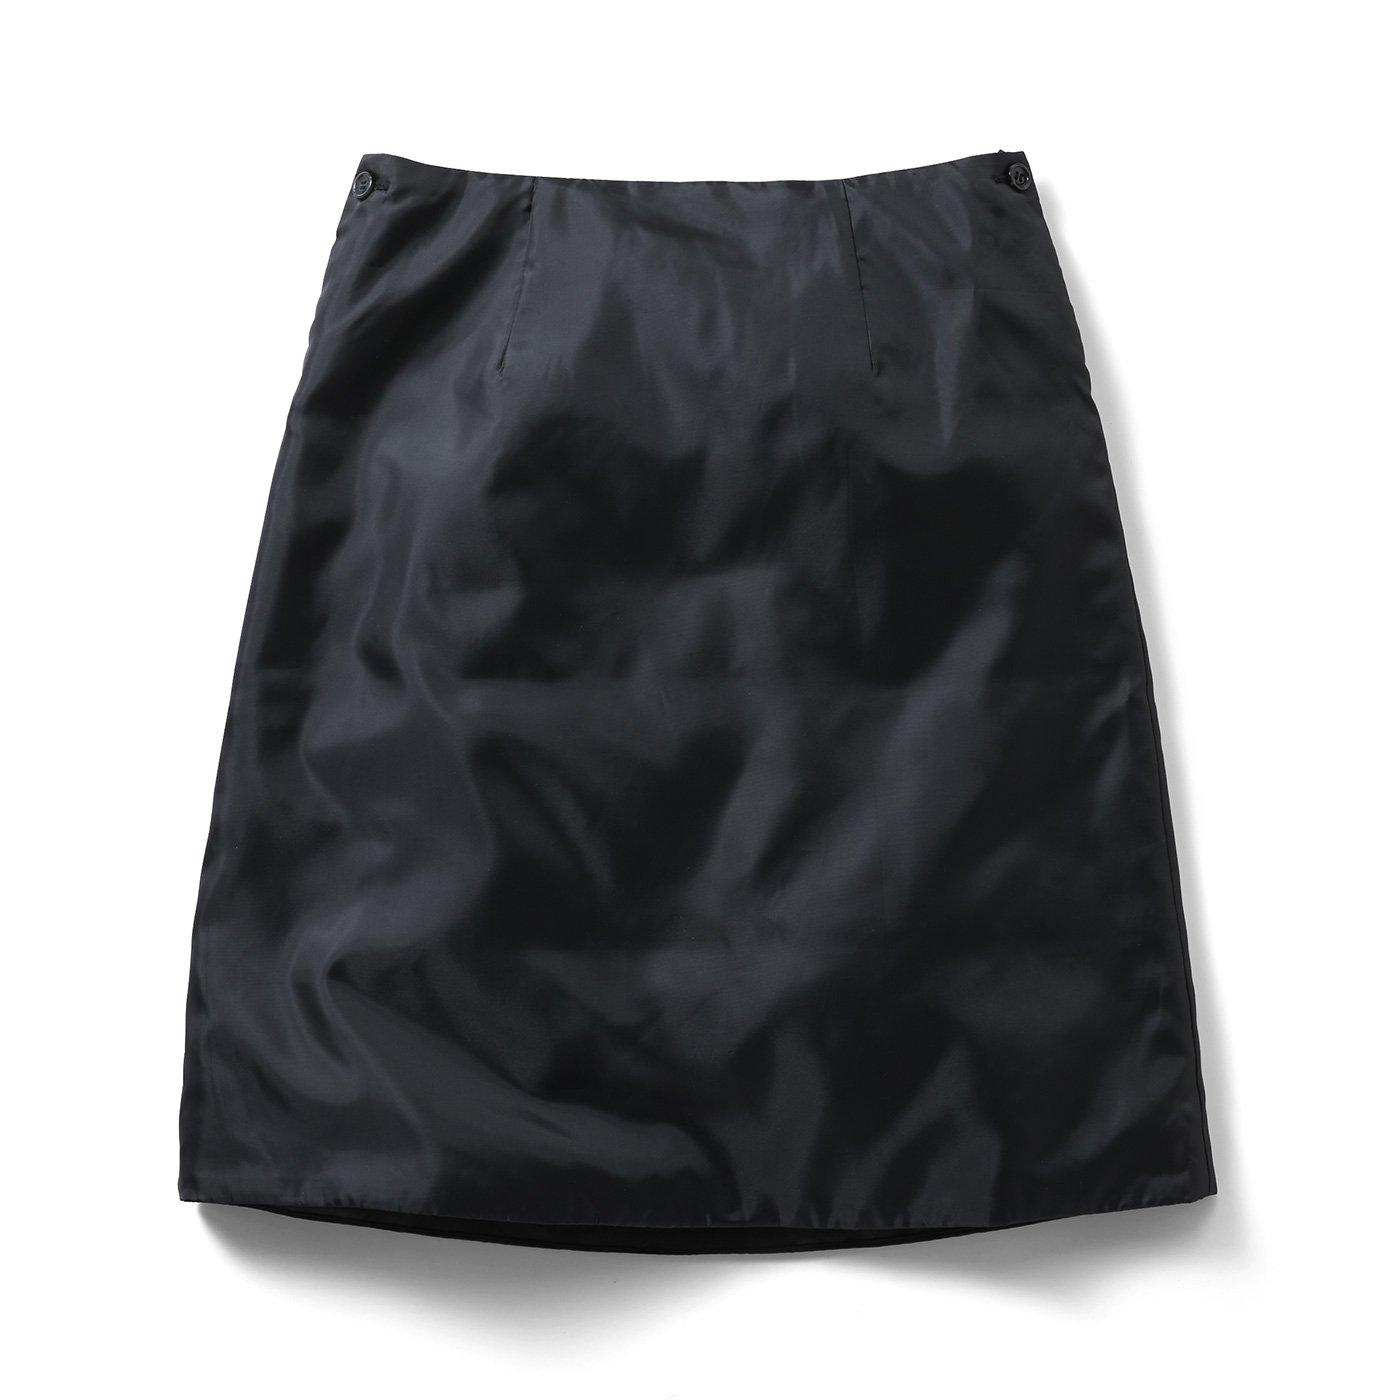 【3~10日でお届け】IEDIT[イディット] 寒くてもスカート派!さんの味方 暖かさをプラスする中わた入りインナーペチスカート〈ブラック〉